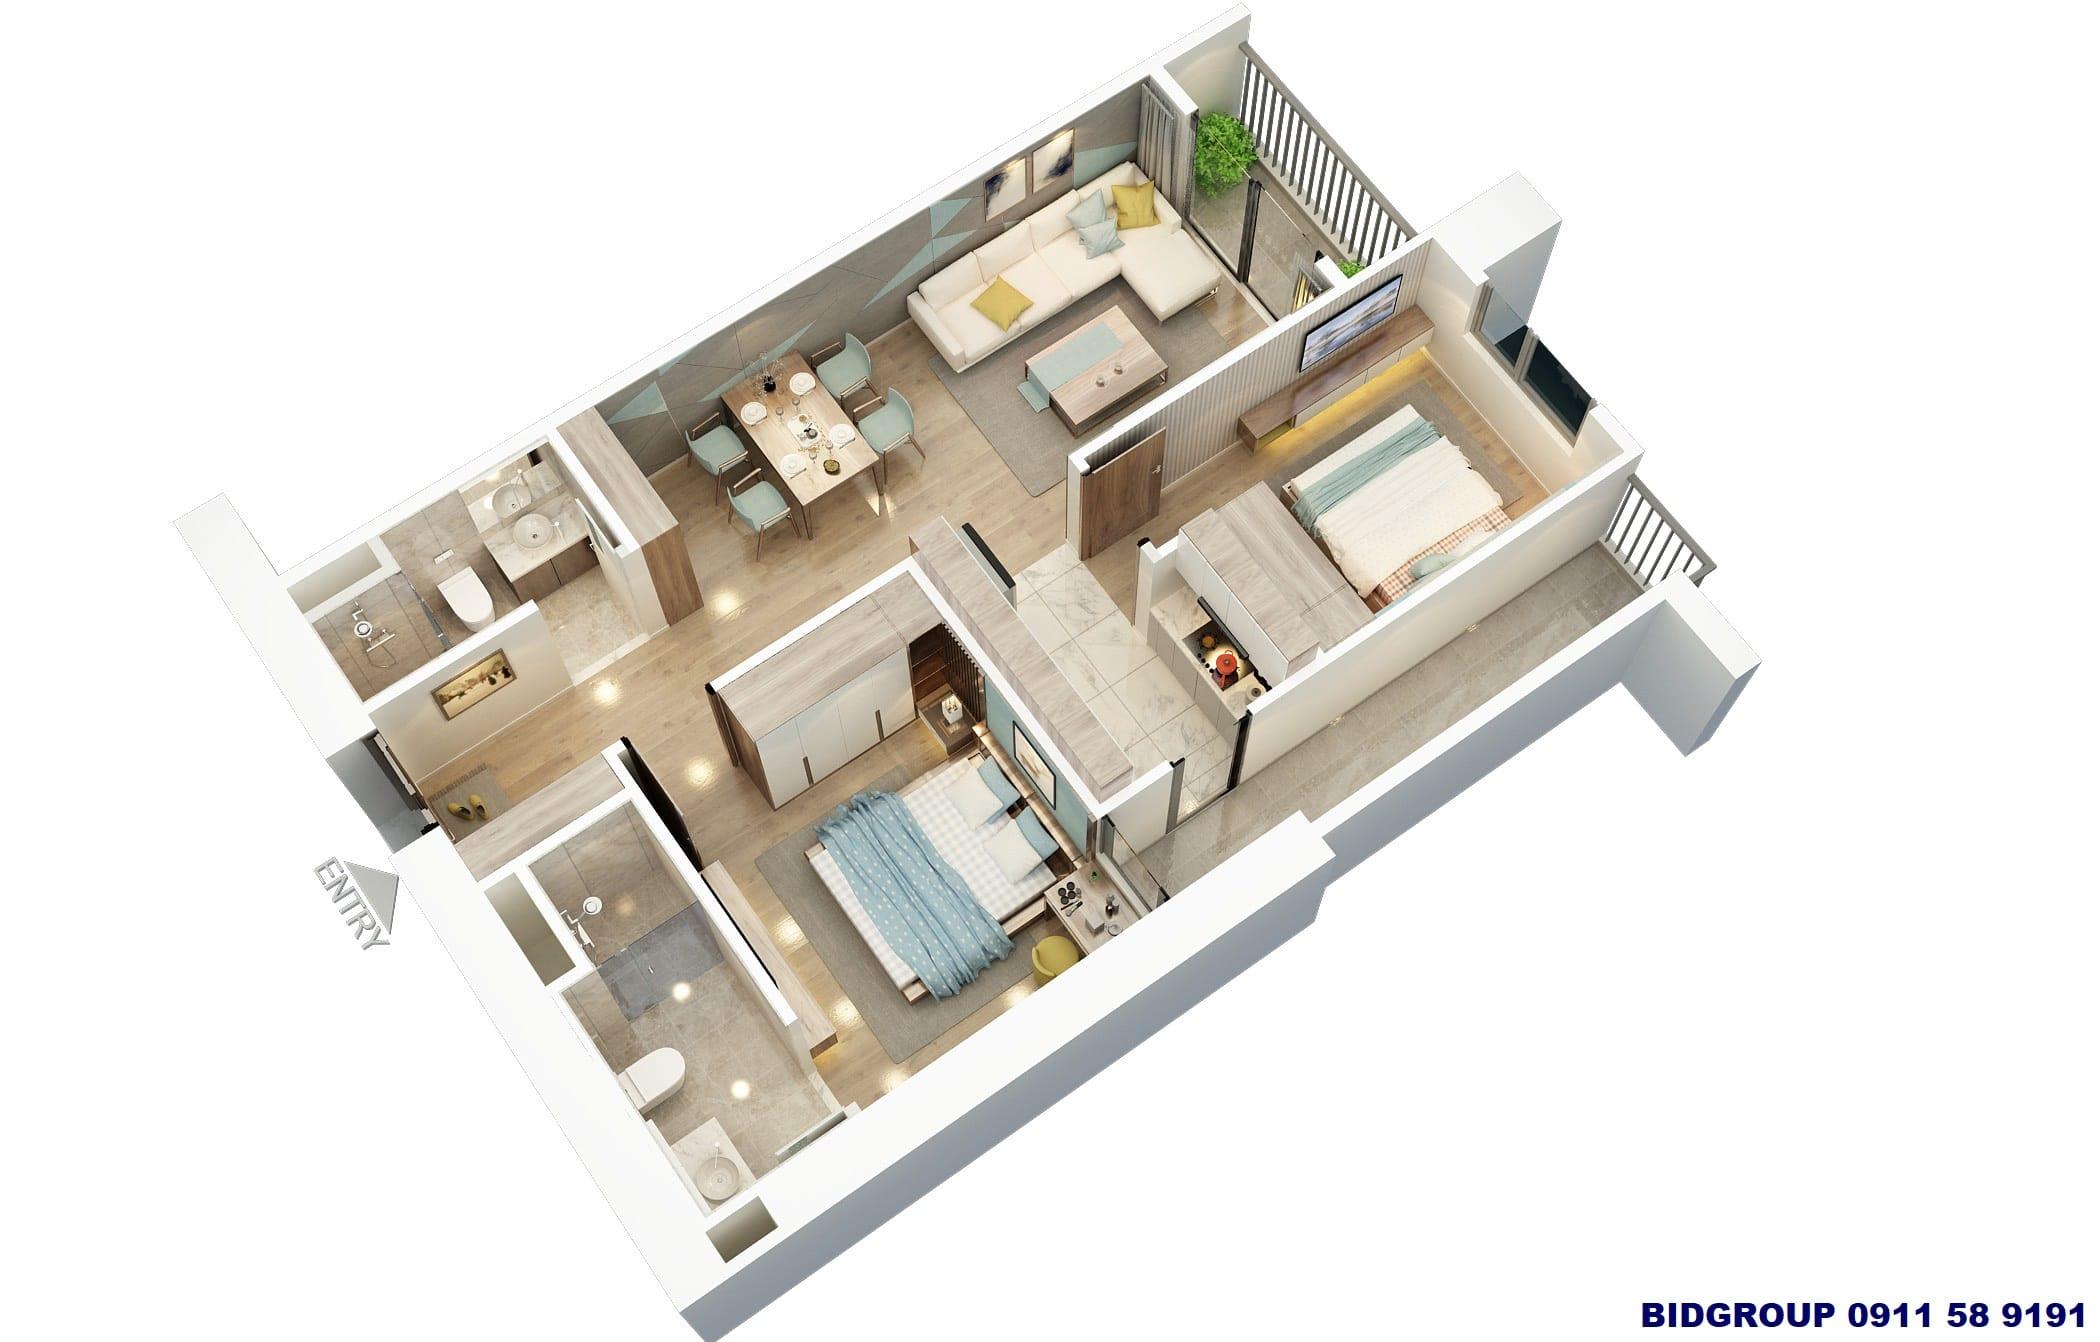 Phối cảnh căn hộ 2 phòng ngủ 62m2 Chung cư BID Residence Văn Khê